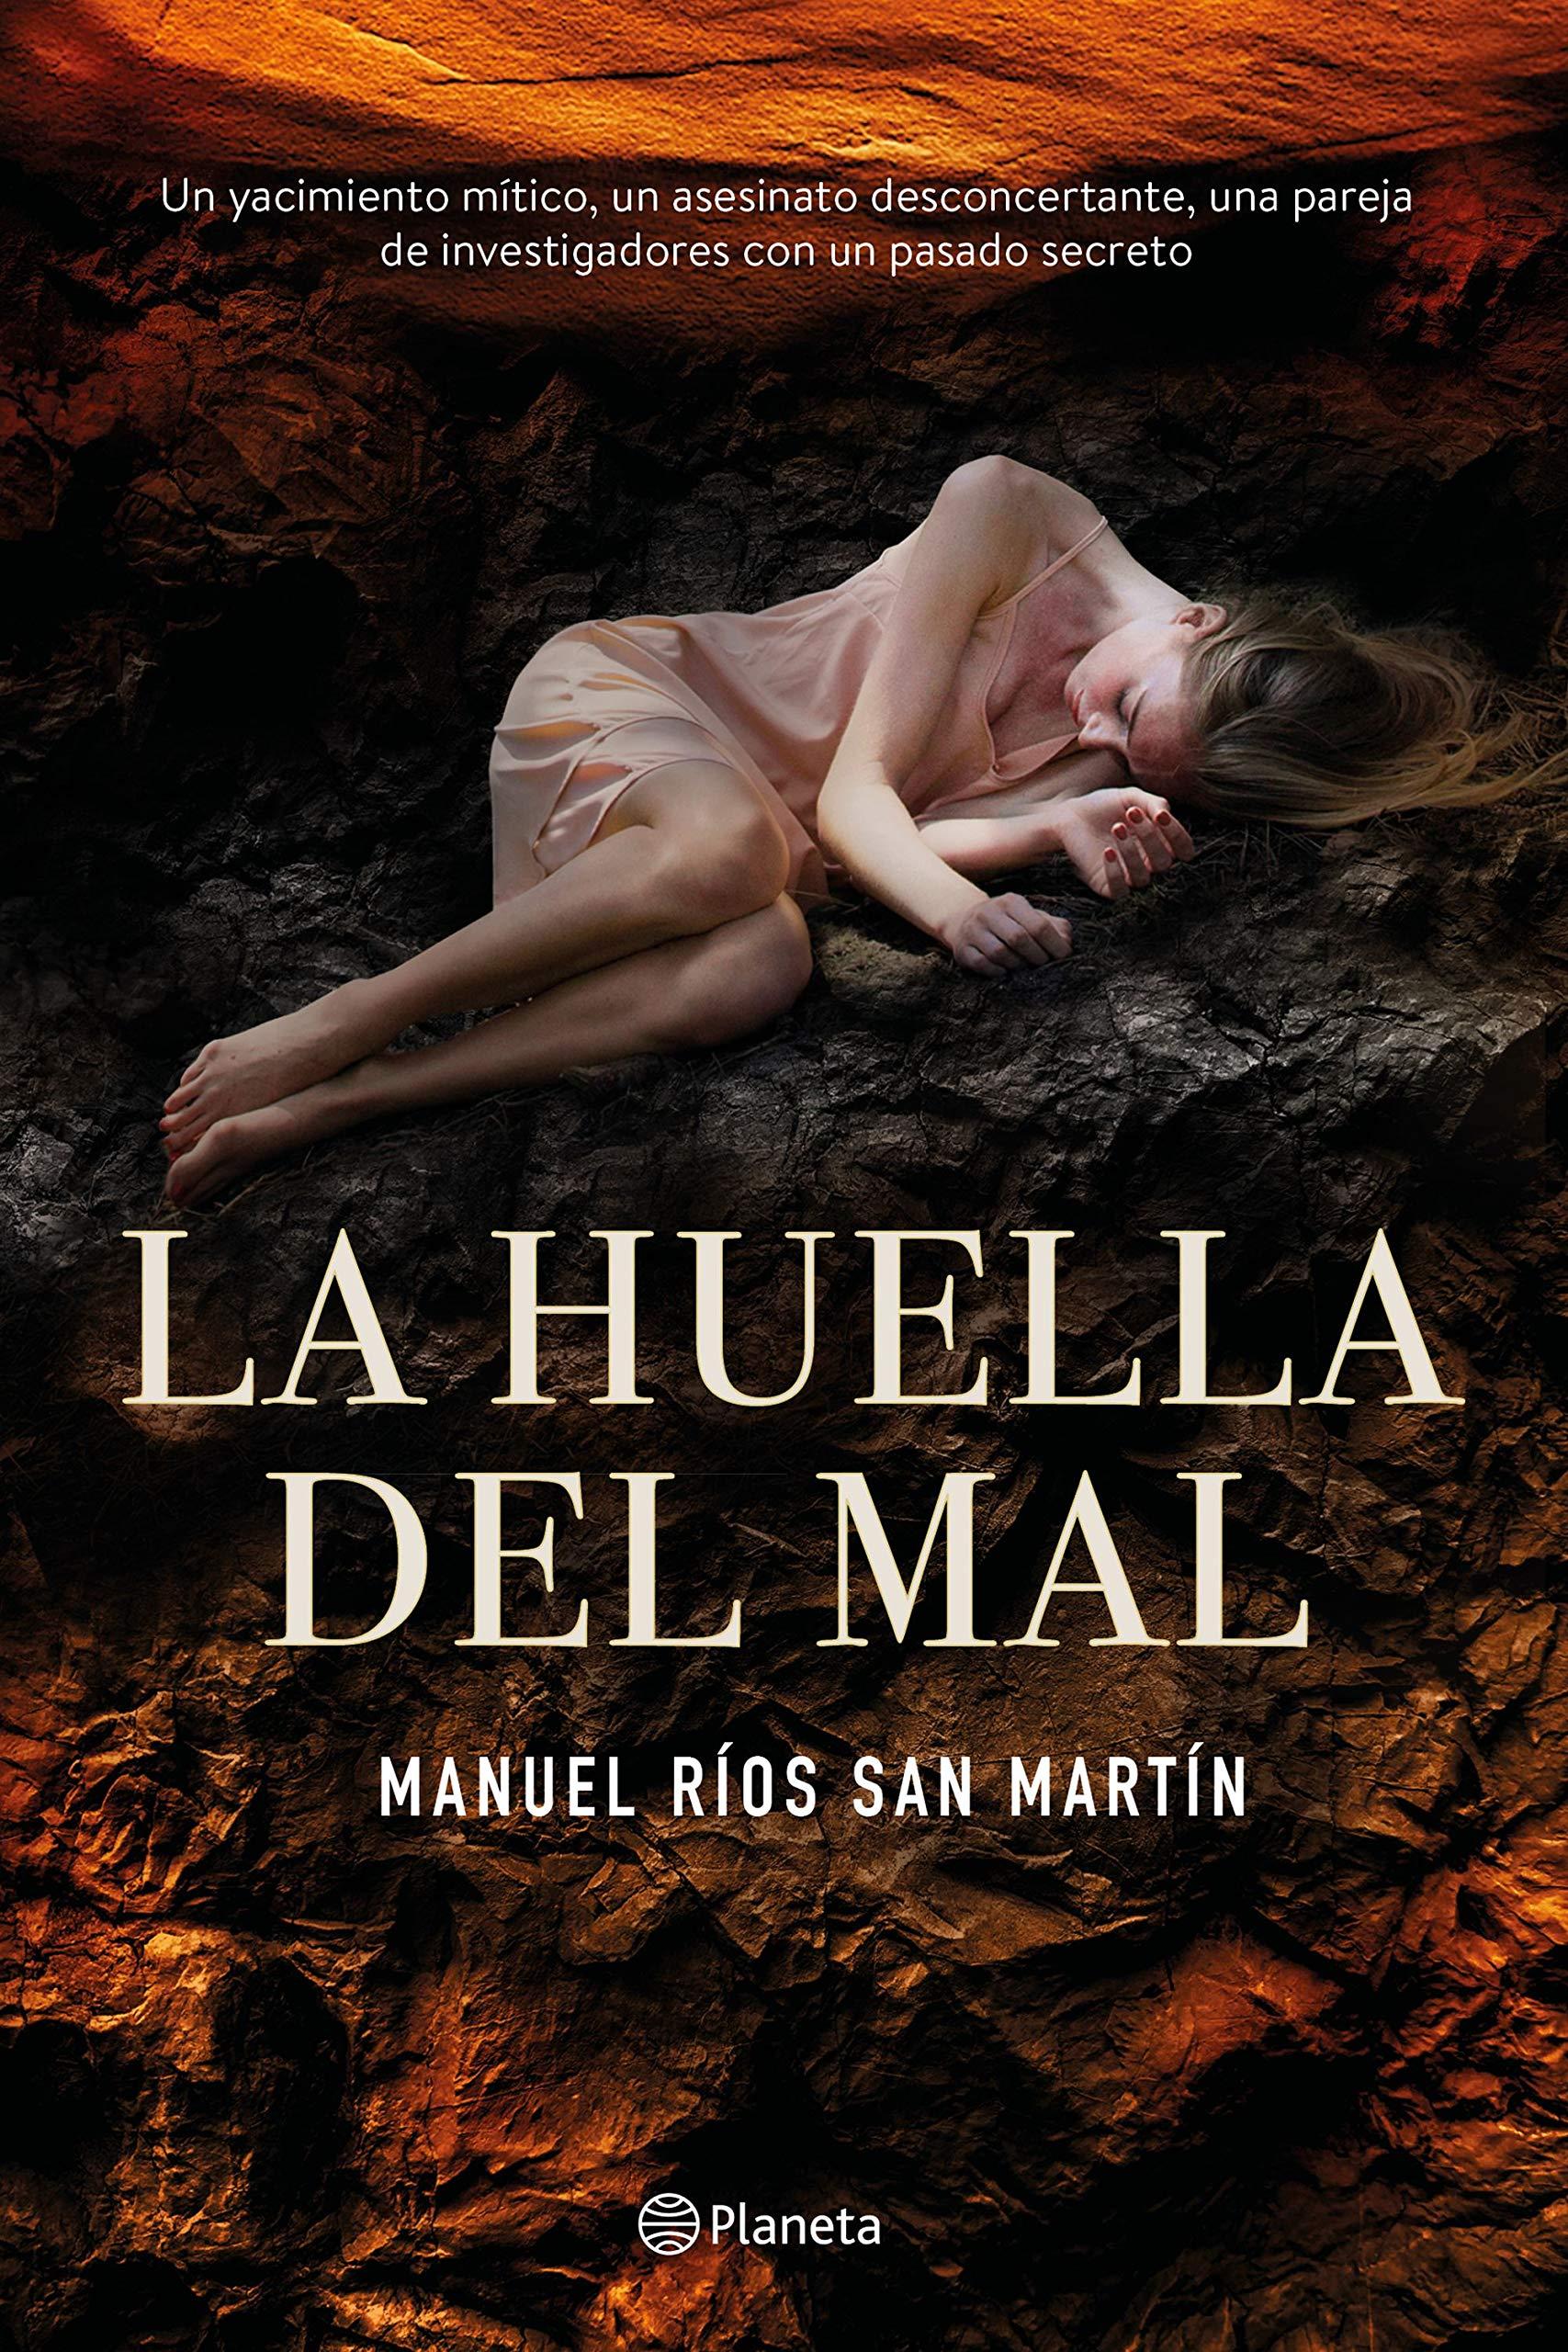 La huella del mal Autores Españoles e Iberoamericanos: Amazon.es: Manuel  Ríos San Martín: Libros